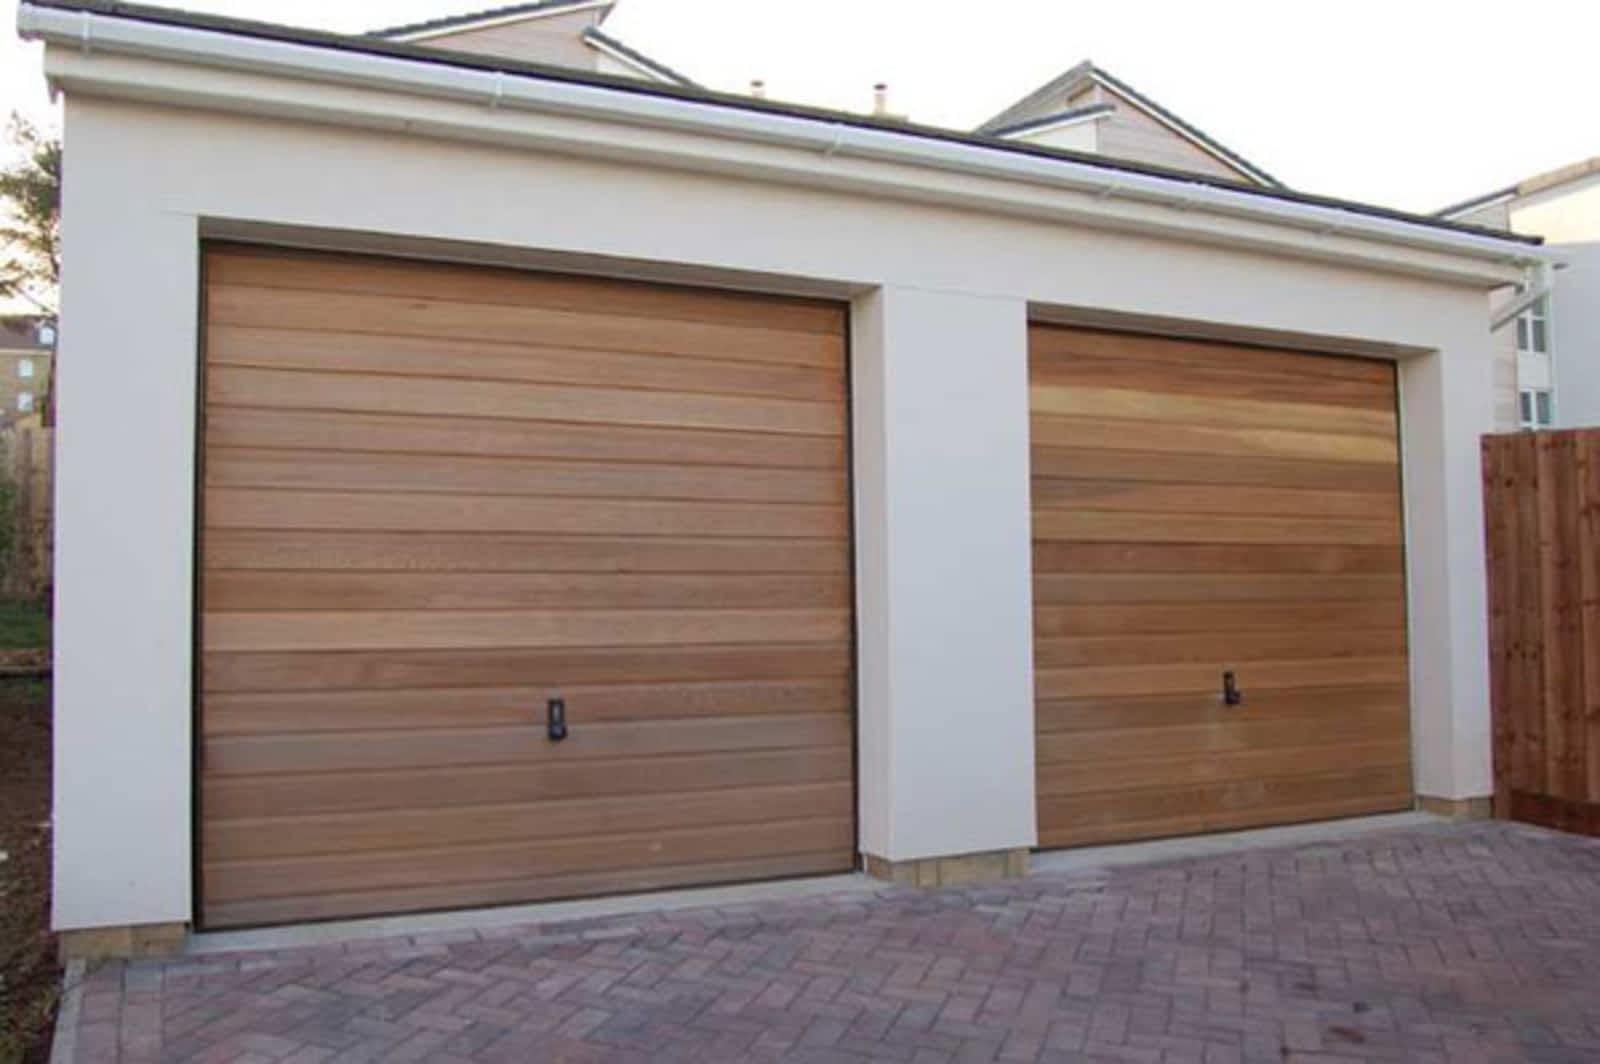 panel doors recessed expert garage hagerstown services door chambersburg interstate